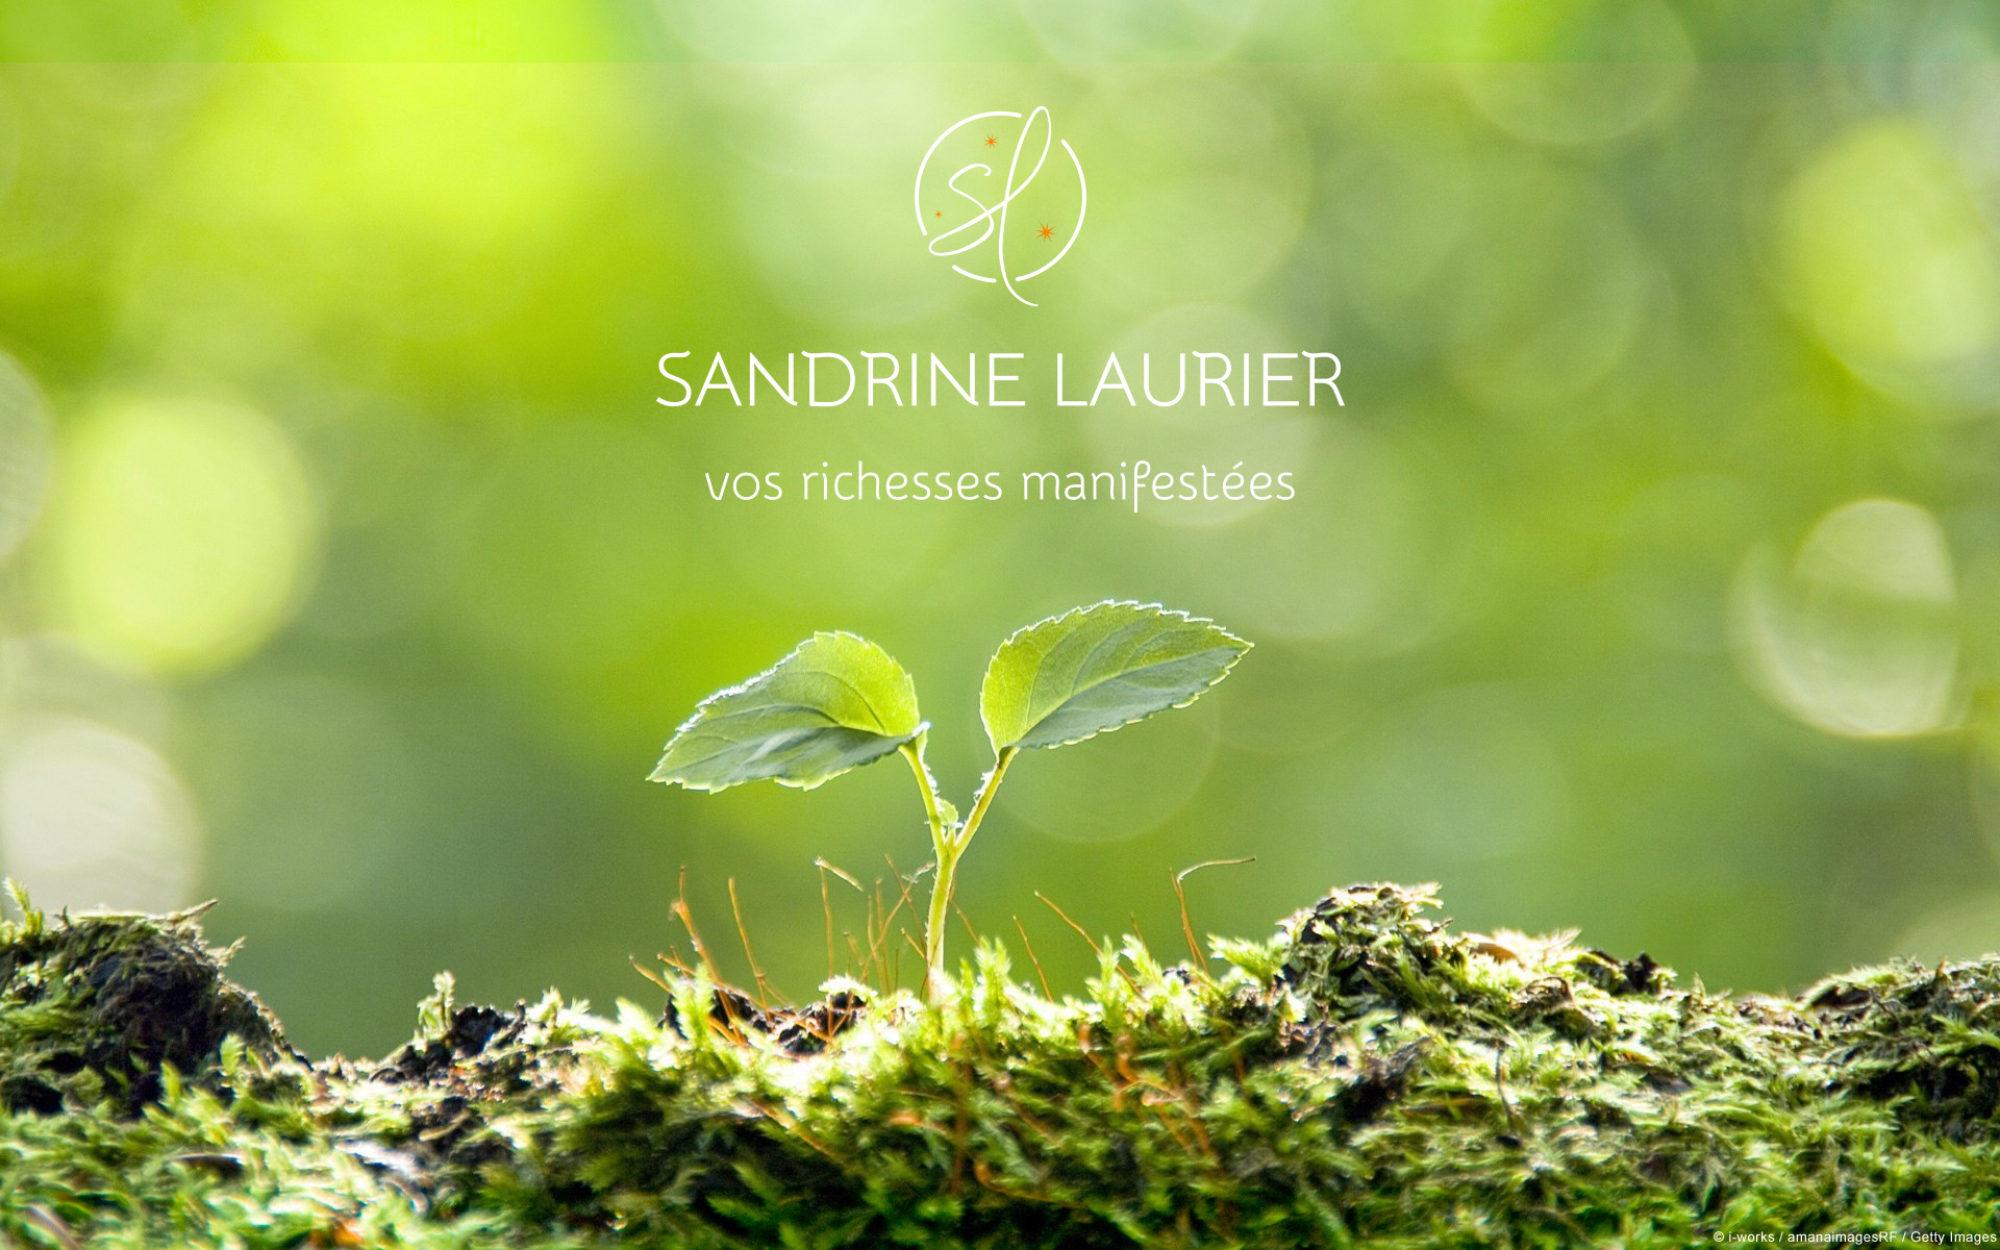 Sandrine Laurier